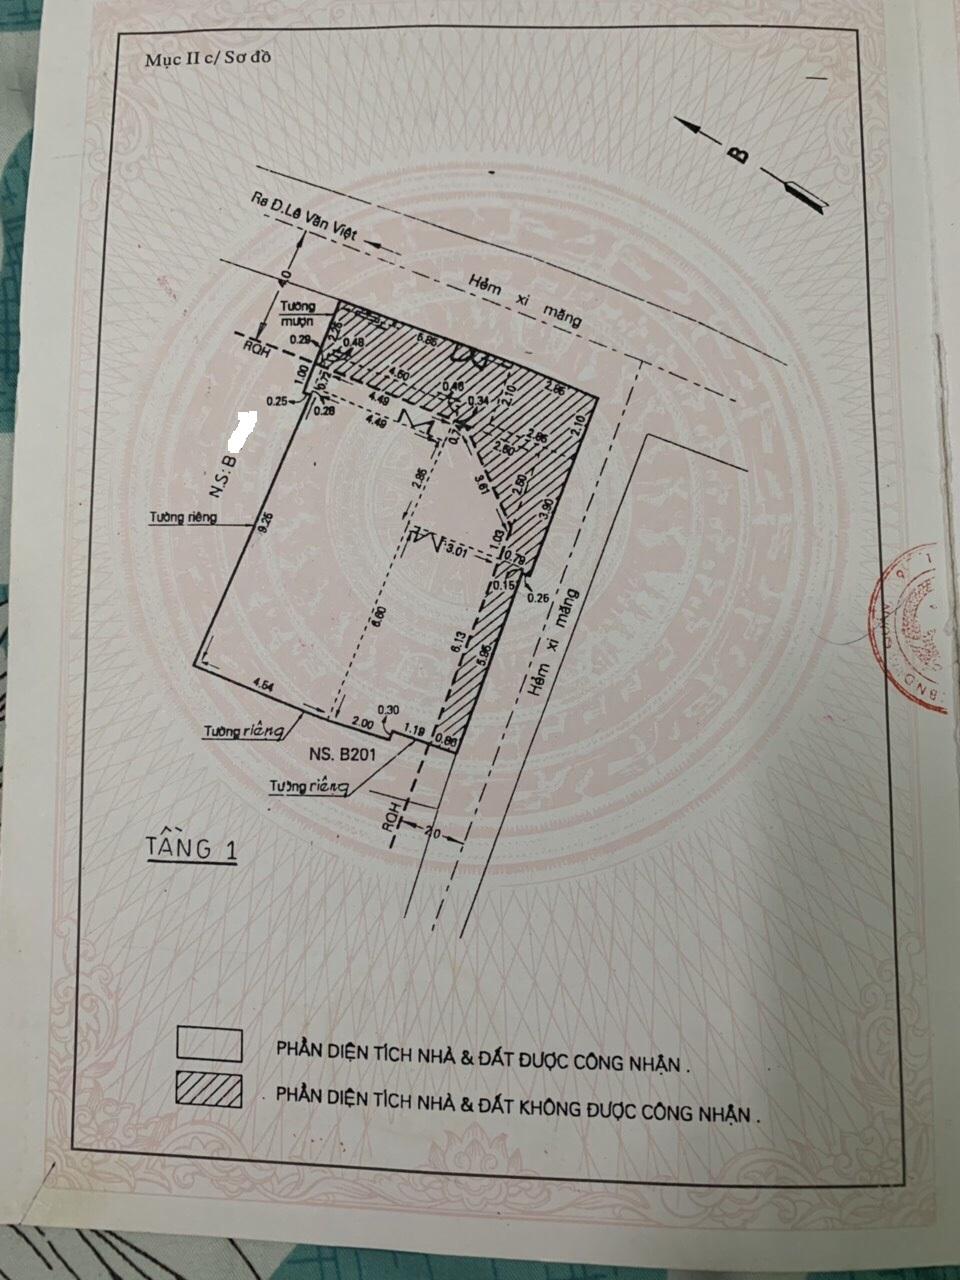 Bán 2 căn góc mặt tiền đường 2 Lê Văn Việt, Quận 9. Tiện xây mới làm văn phòng quán cafe